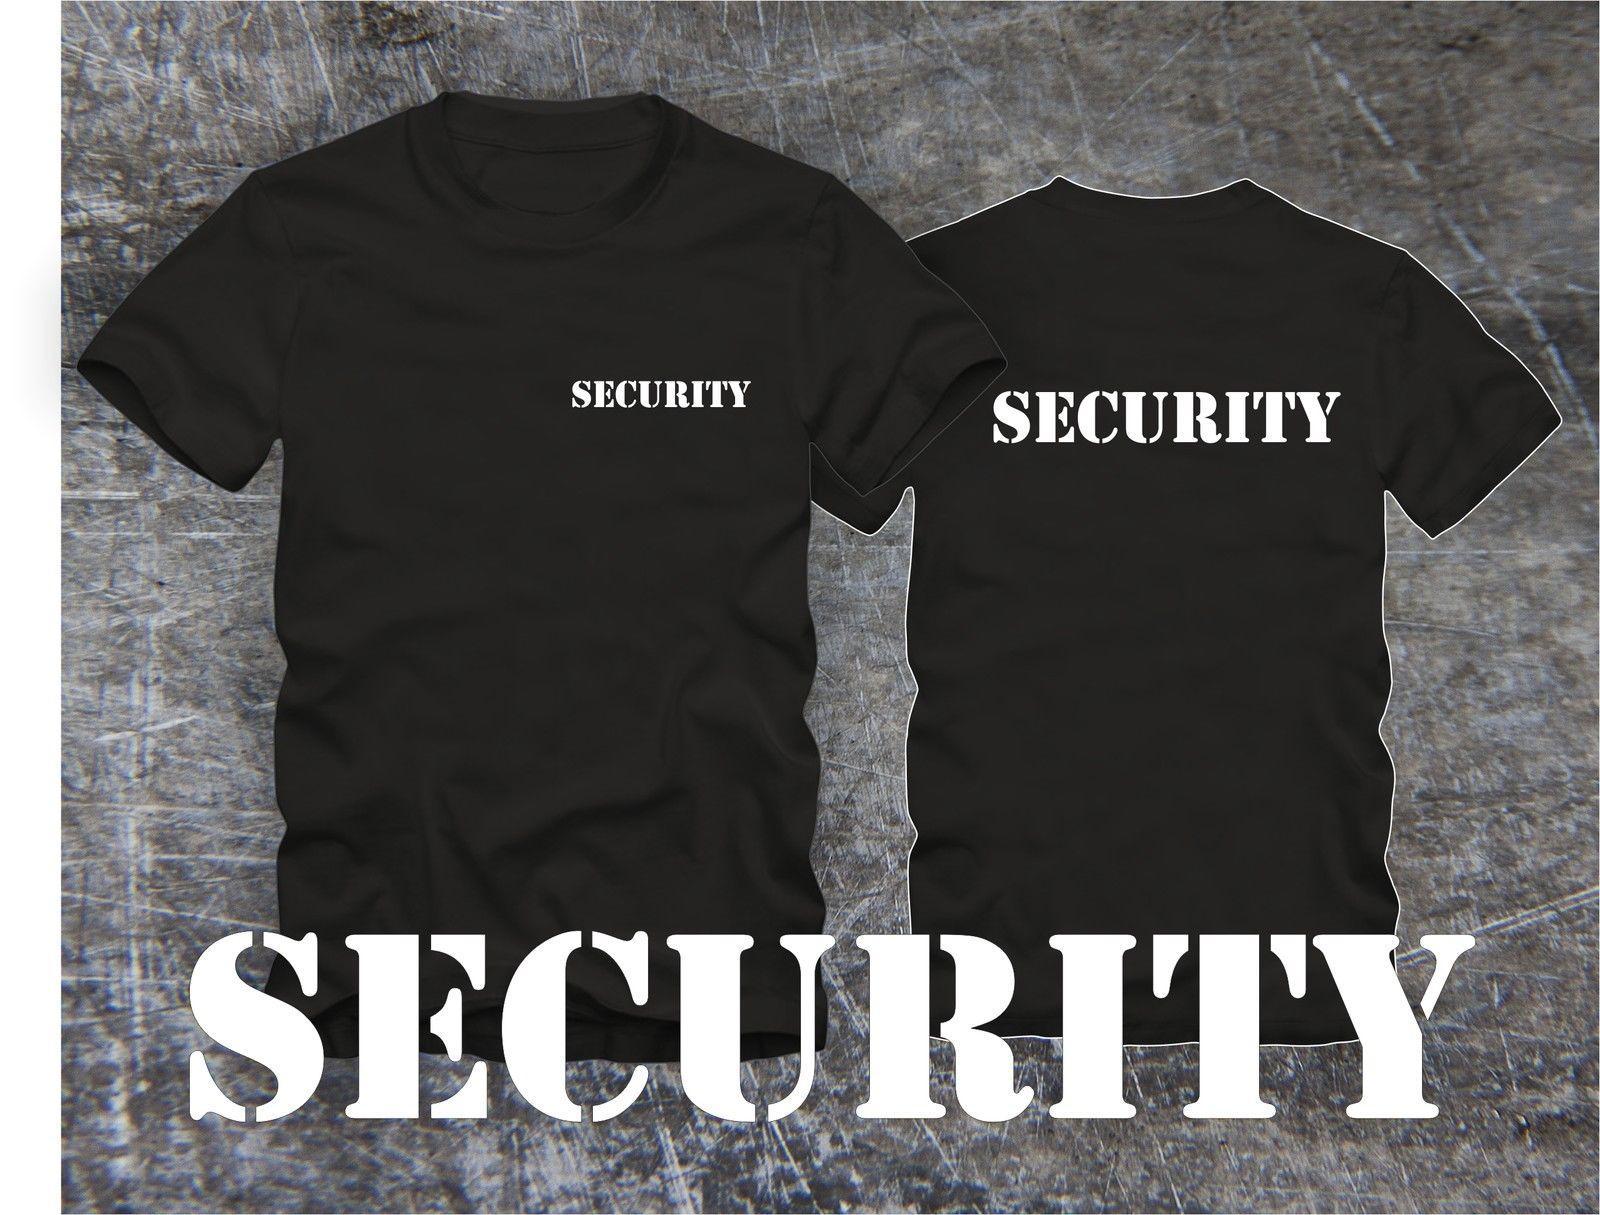 2020 Yaz Modası Erkekler tişört GÜVENLİK Tişört !! Bekleidung Güvenlik Tişört Güvenlik! Elek Schrift